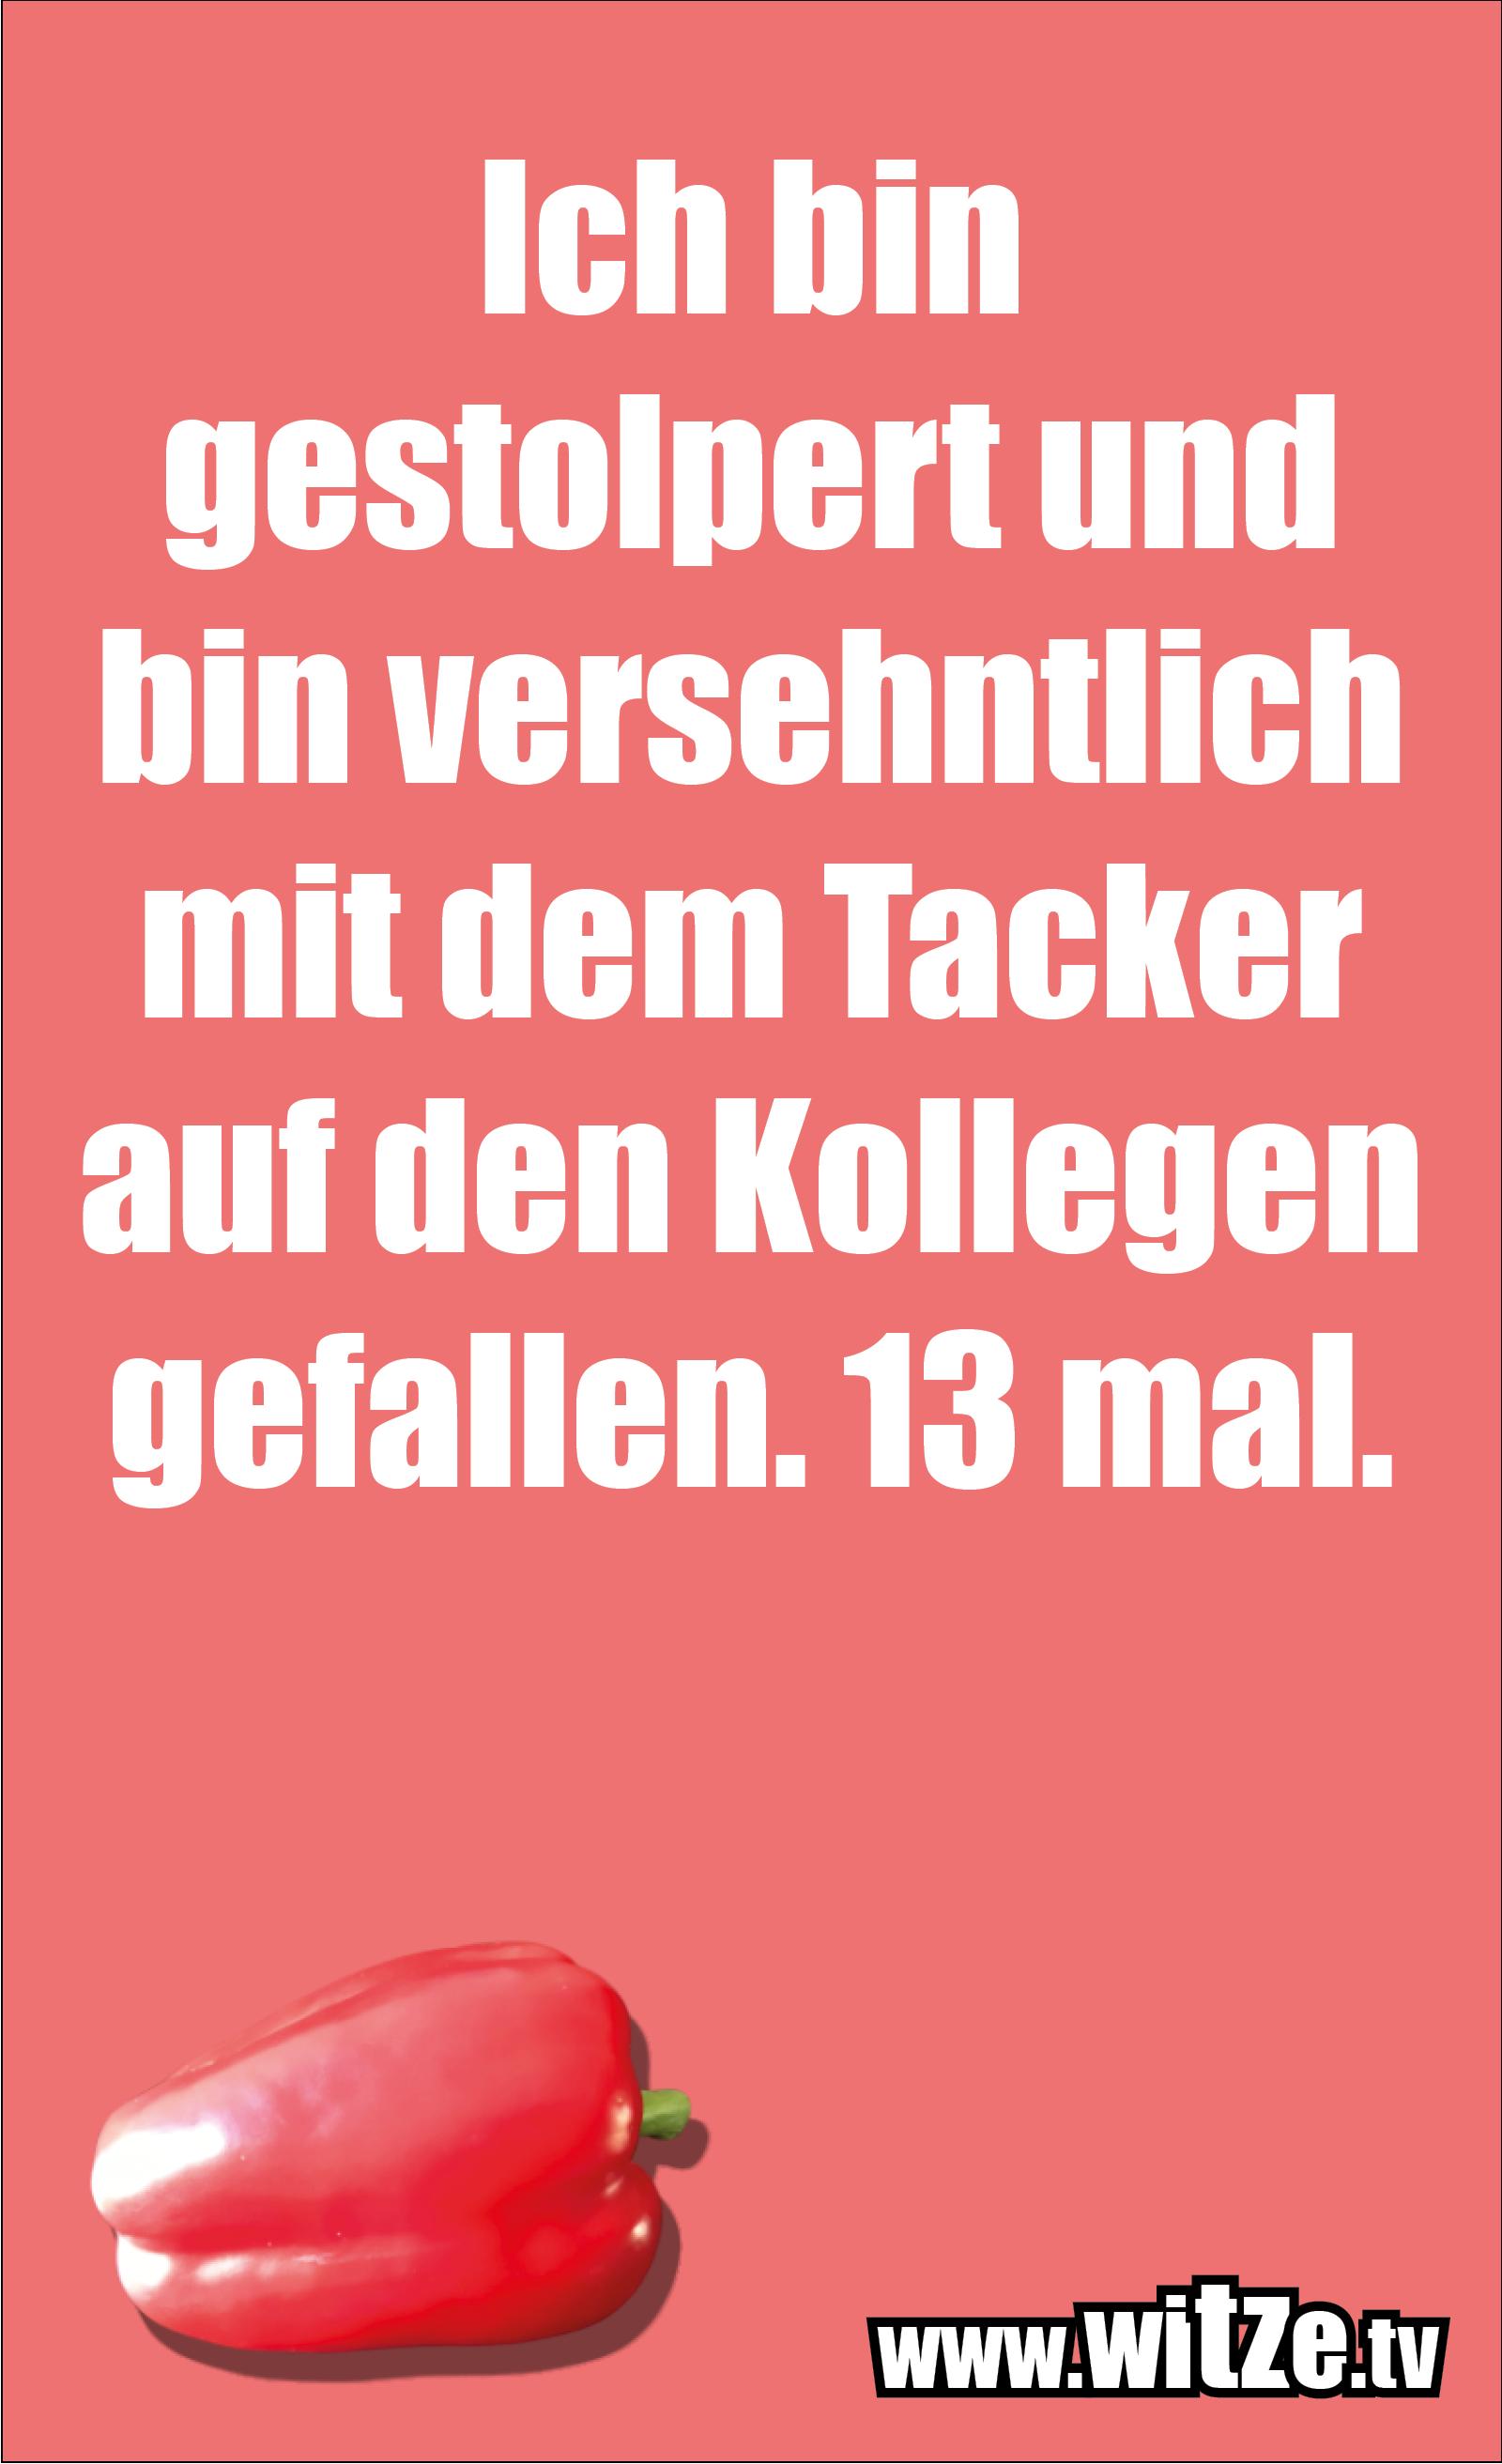 Sarkasmus Sprüche: Ich bin gestolpert und bin versehntlich mit dem Tacker auf den Kollegen gefallen. 13 mal.